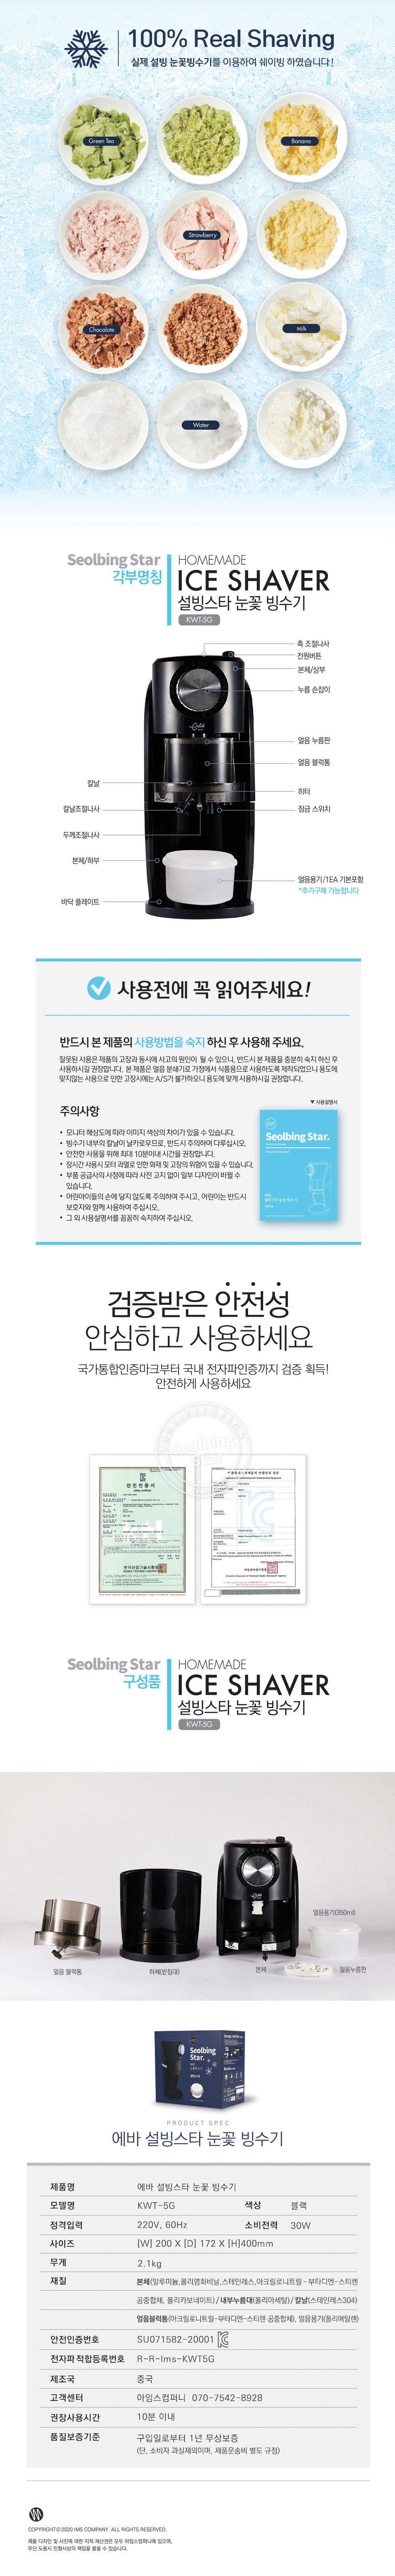 에바 설빙스타 눈꽃 빙수기 팥빙수 우유빙수 KWT-5G - 어반띵즈, 89,000원, 여름용품, 아이스/쿨링용품